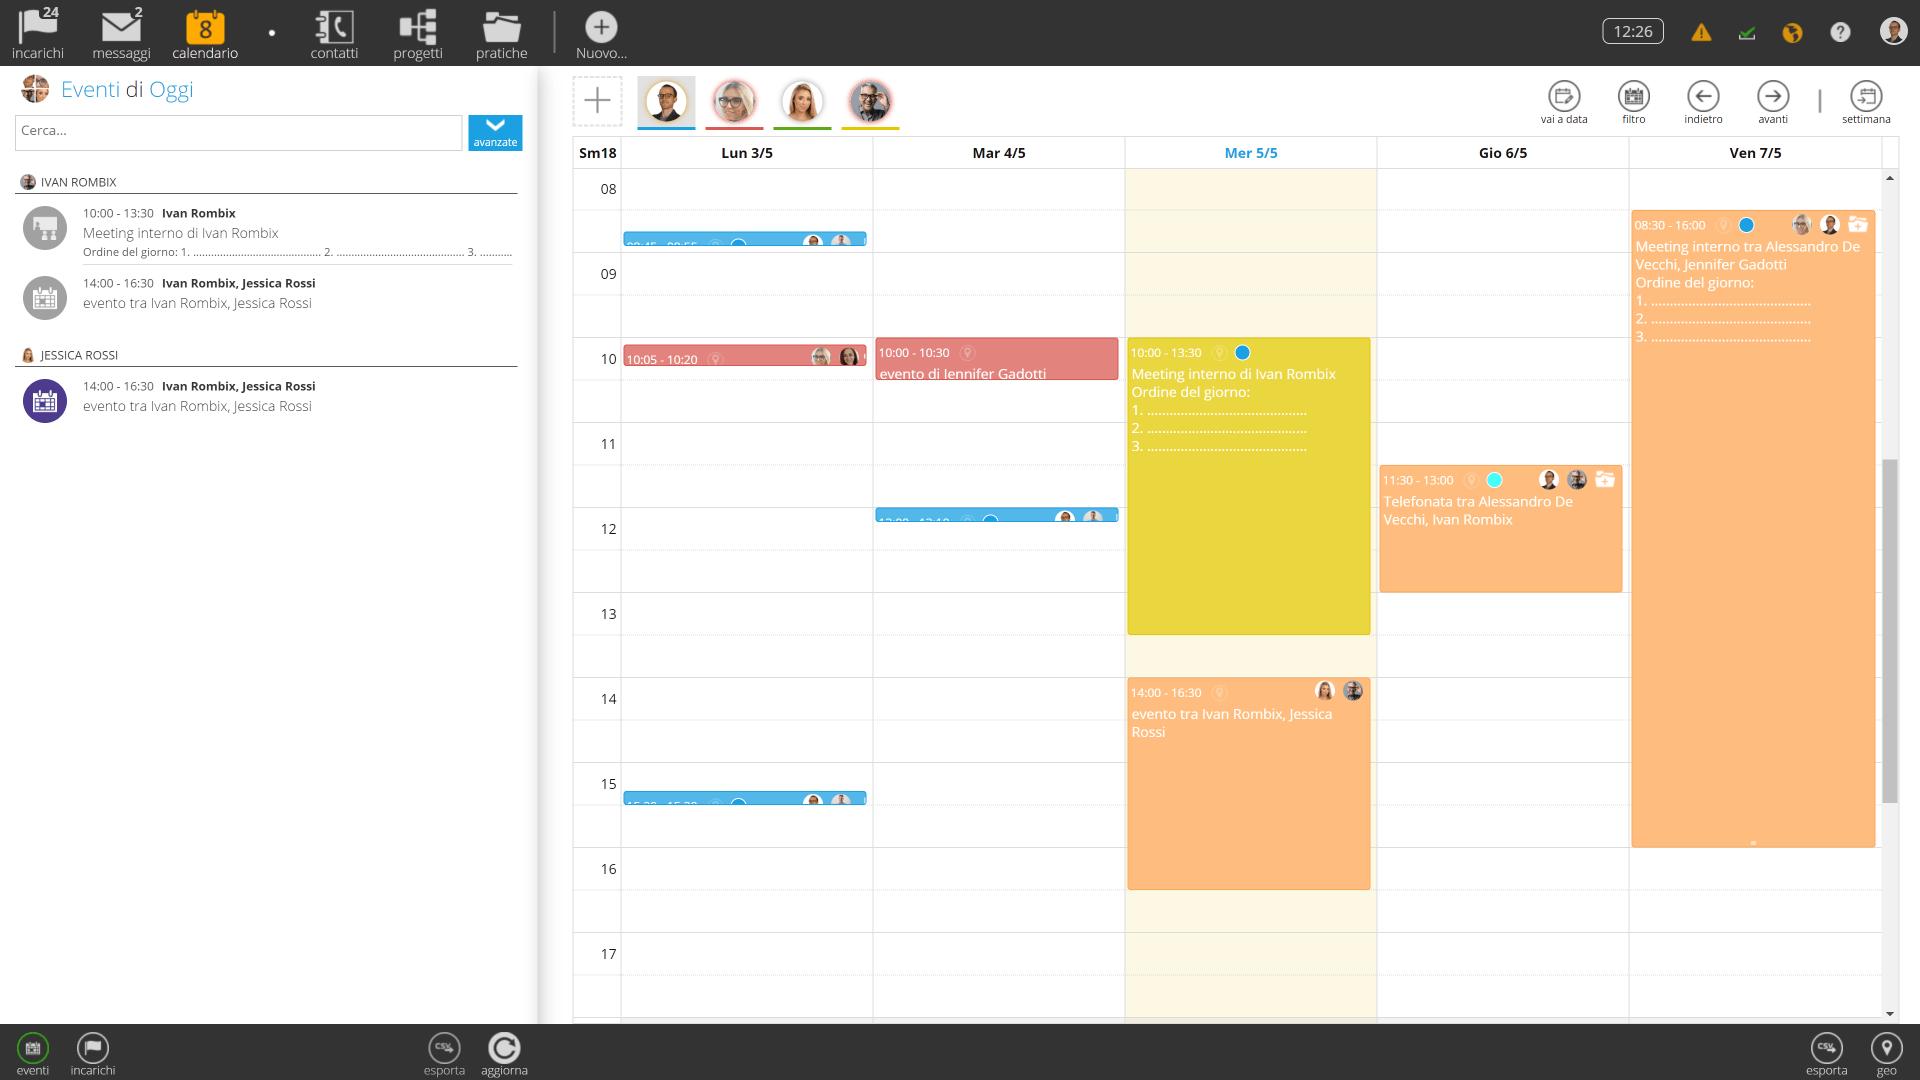 Calendario aziendale condiviso. Dettagli eventi personalizzabili, inviti per partecipanti esterni.